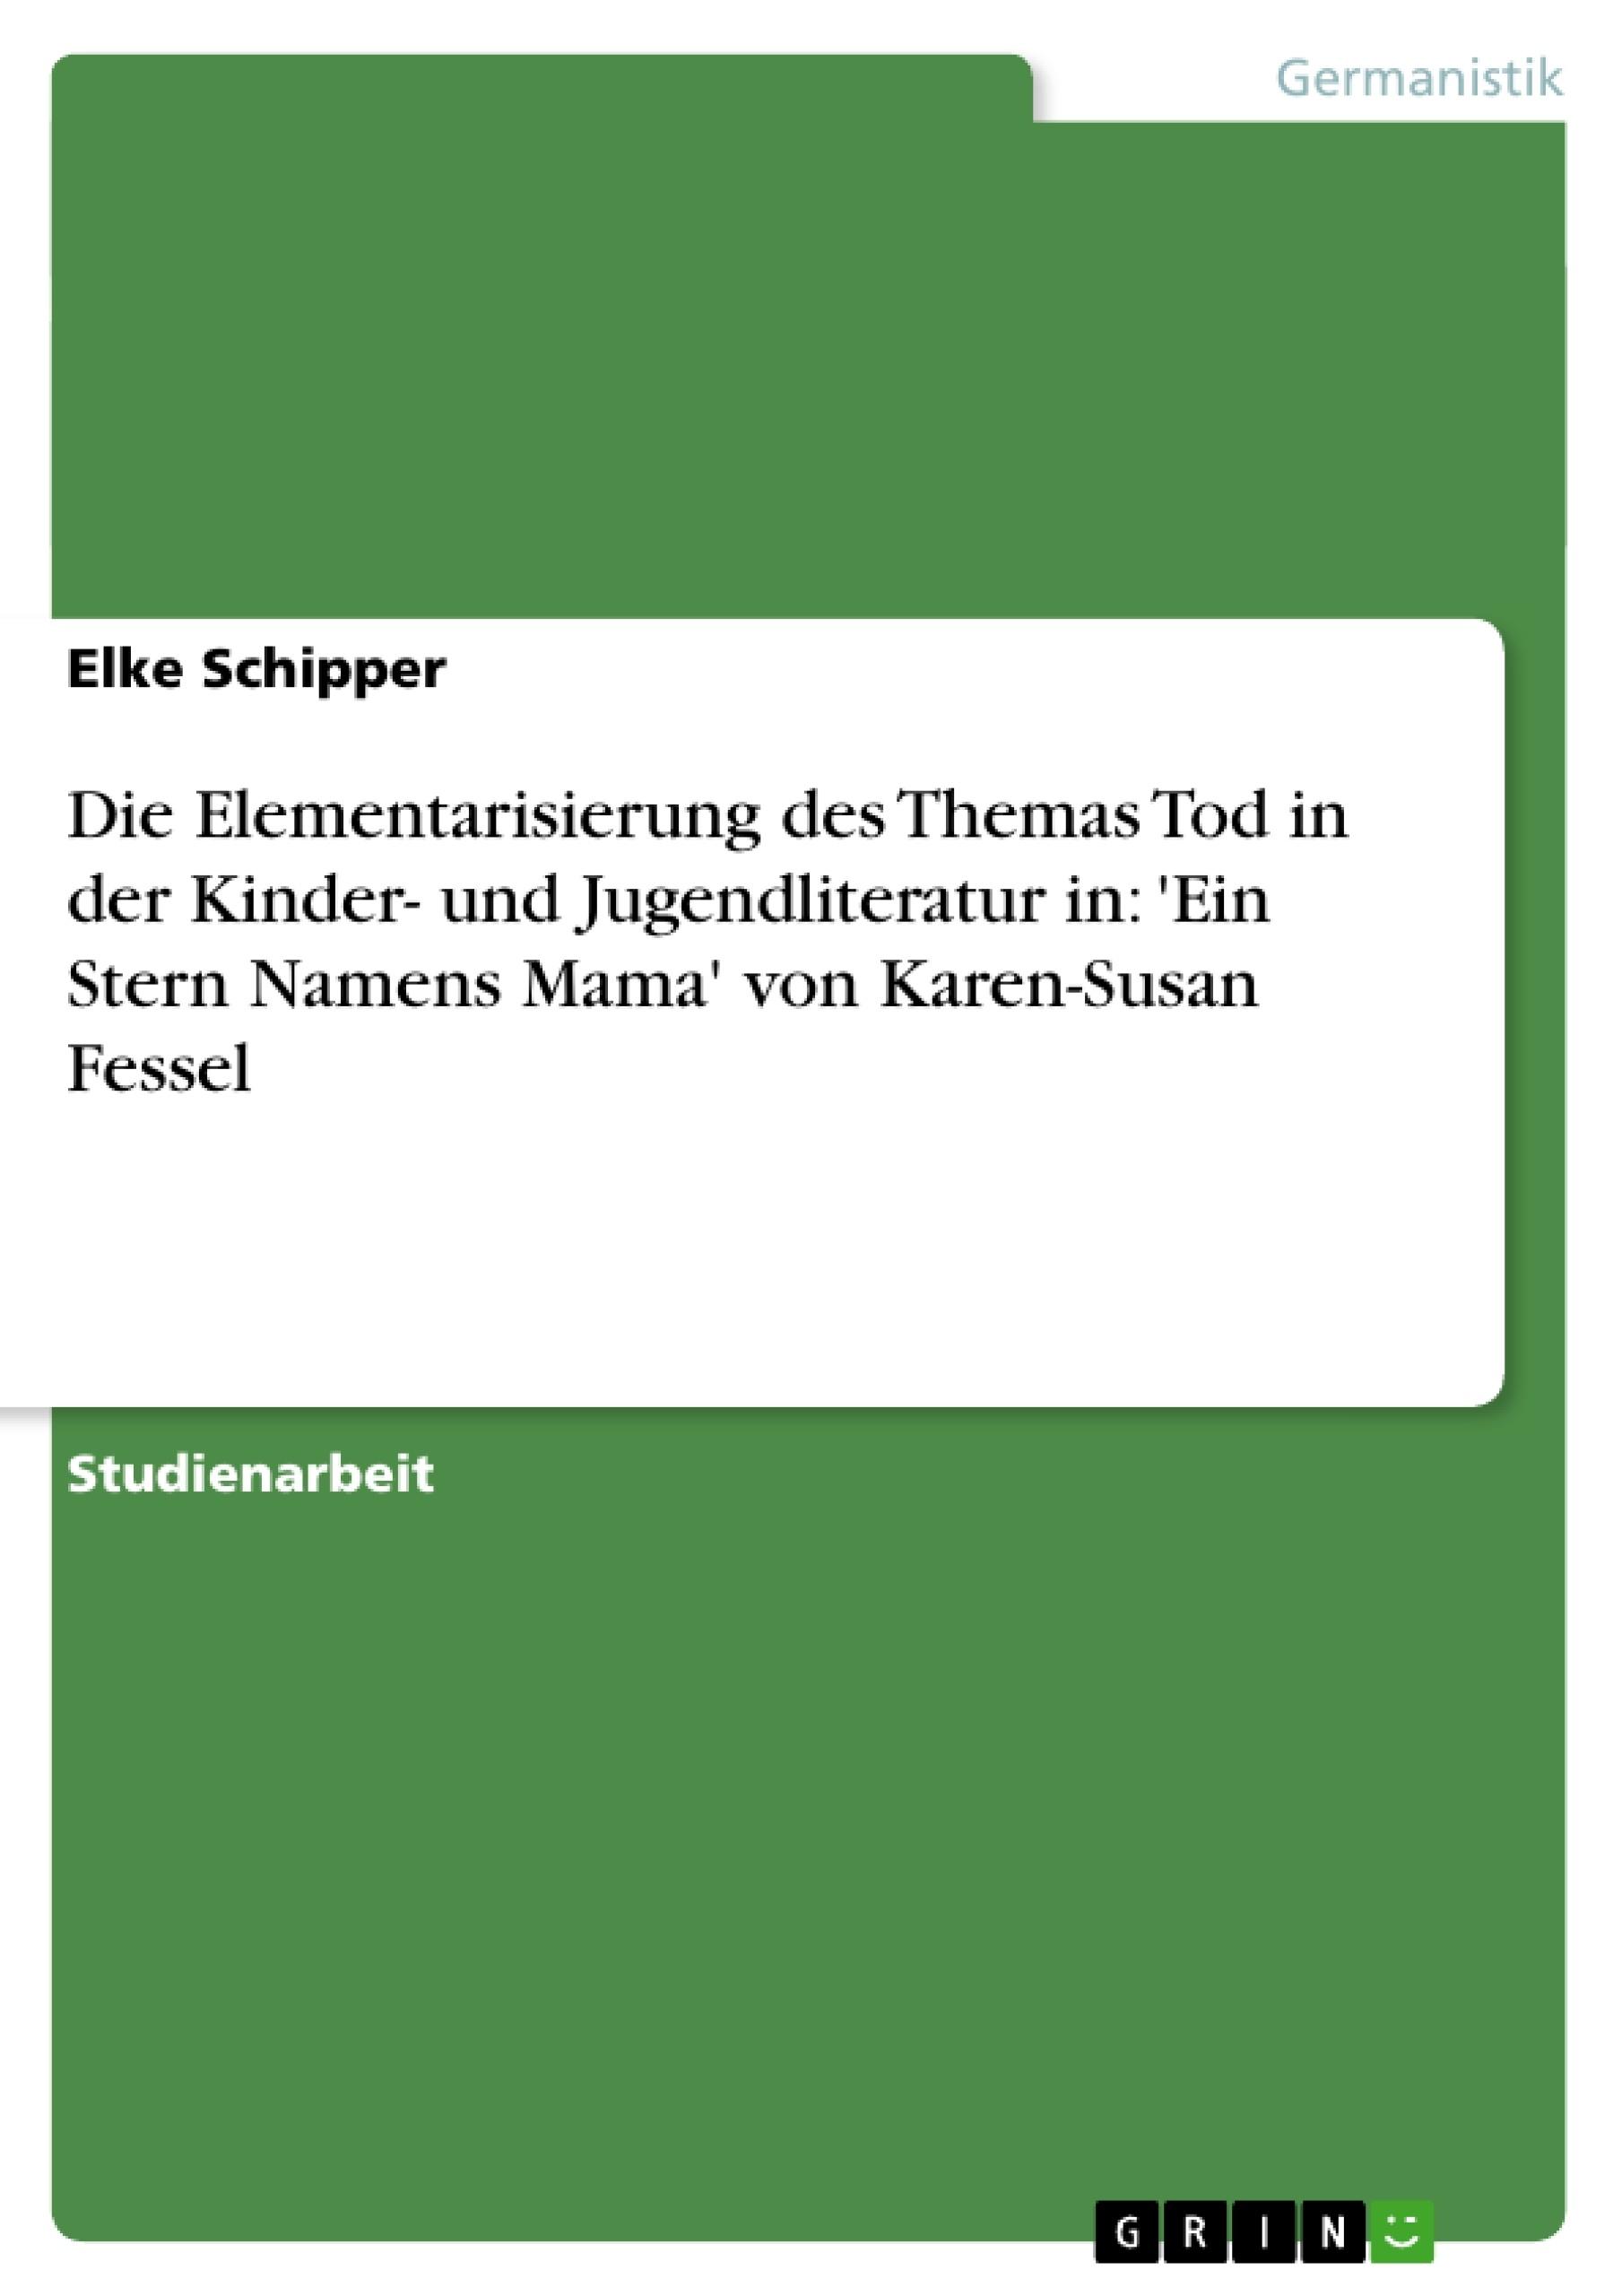 Titel: Die Elementarisierung des Themas Tod in der Kinder- und Jugendliteratur in: 'Ein Stern Namens Mama' von Karen-Susan Fessel